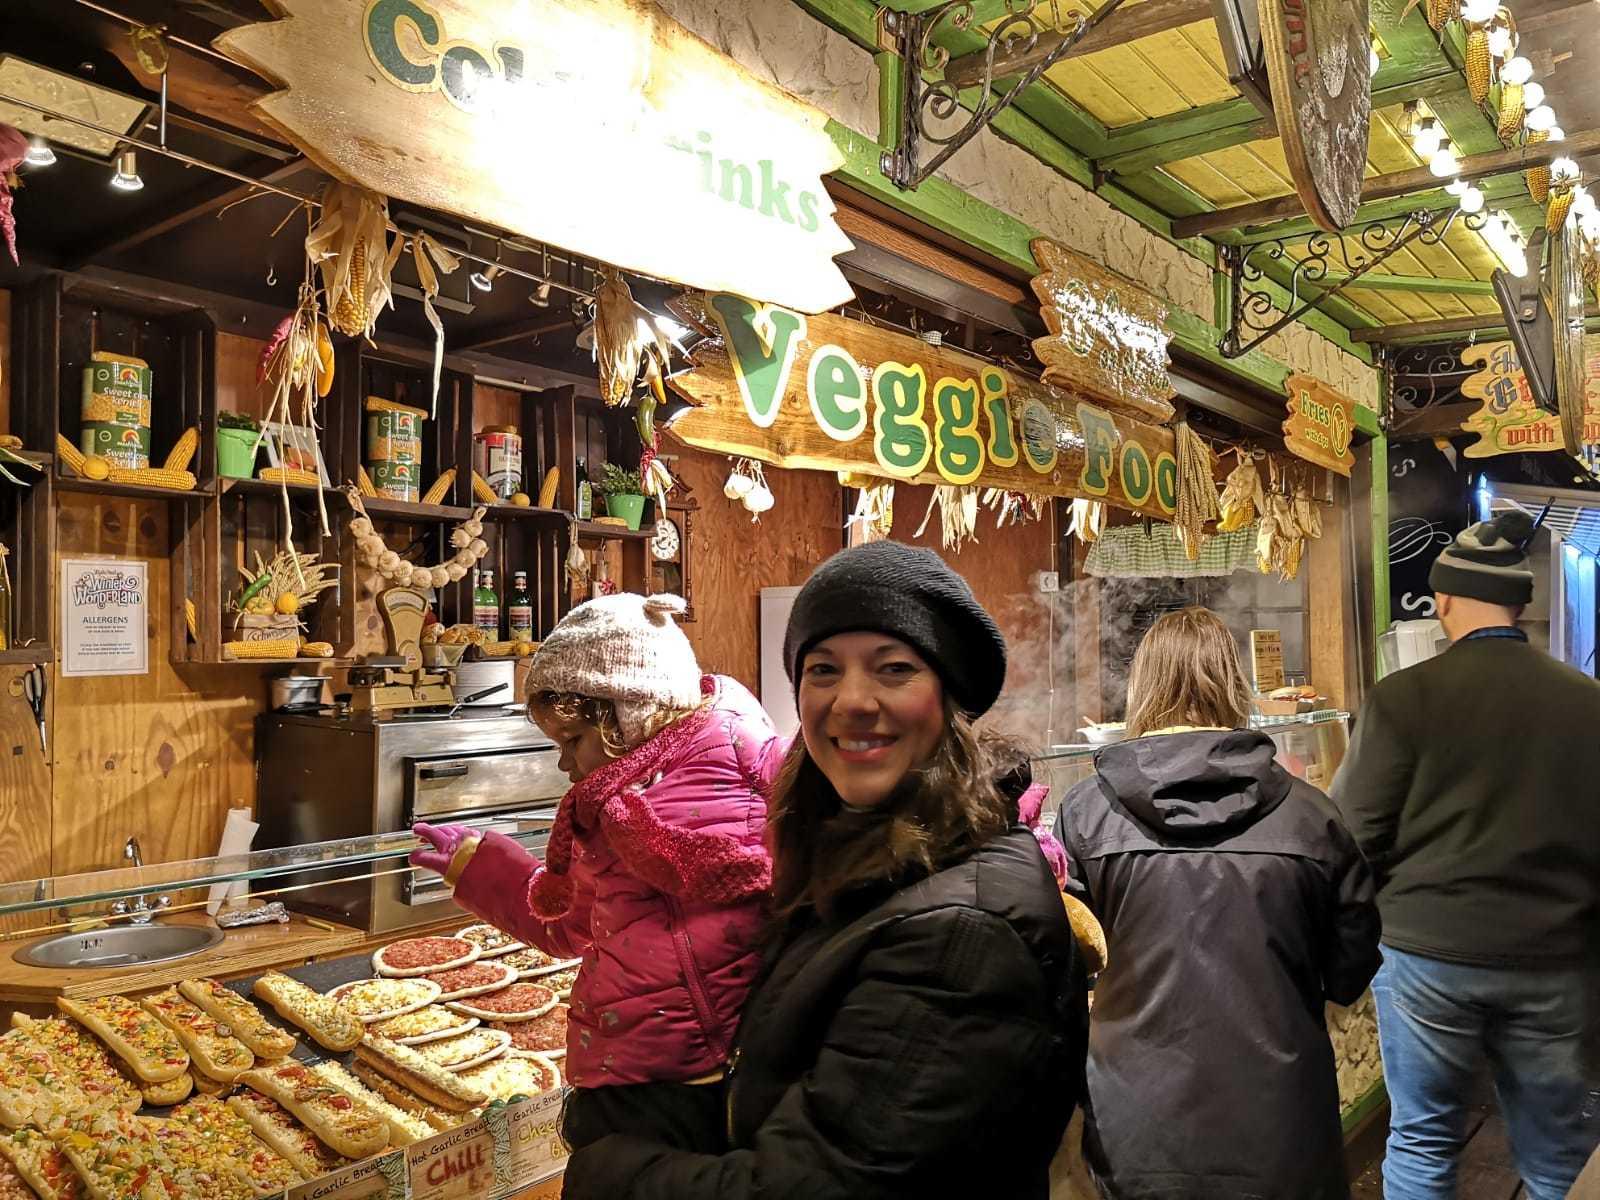 comida vegana en worderland